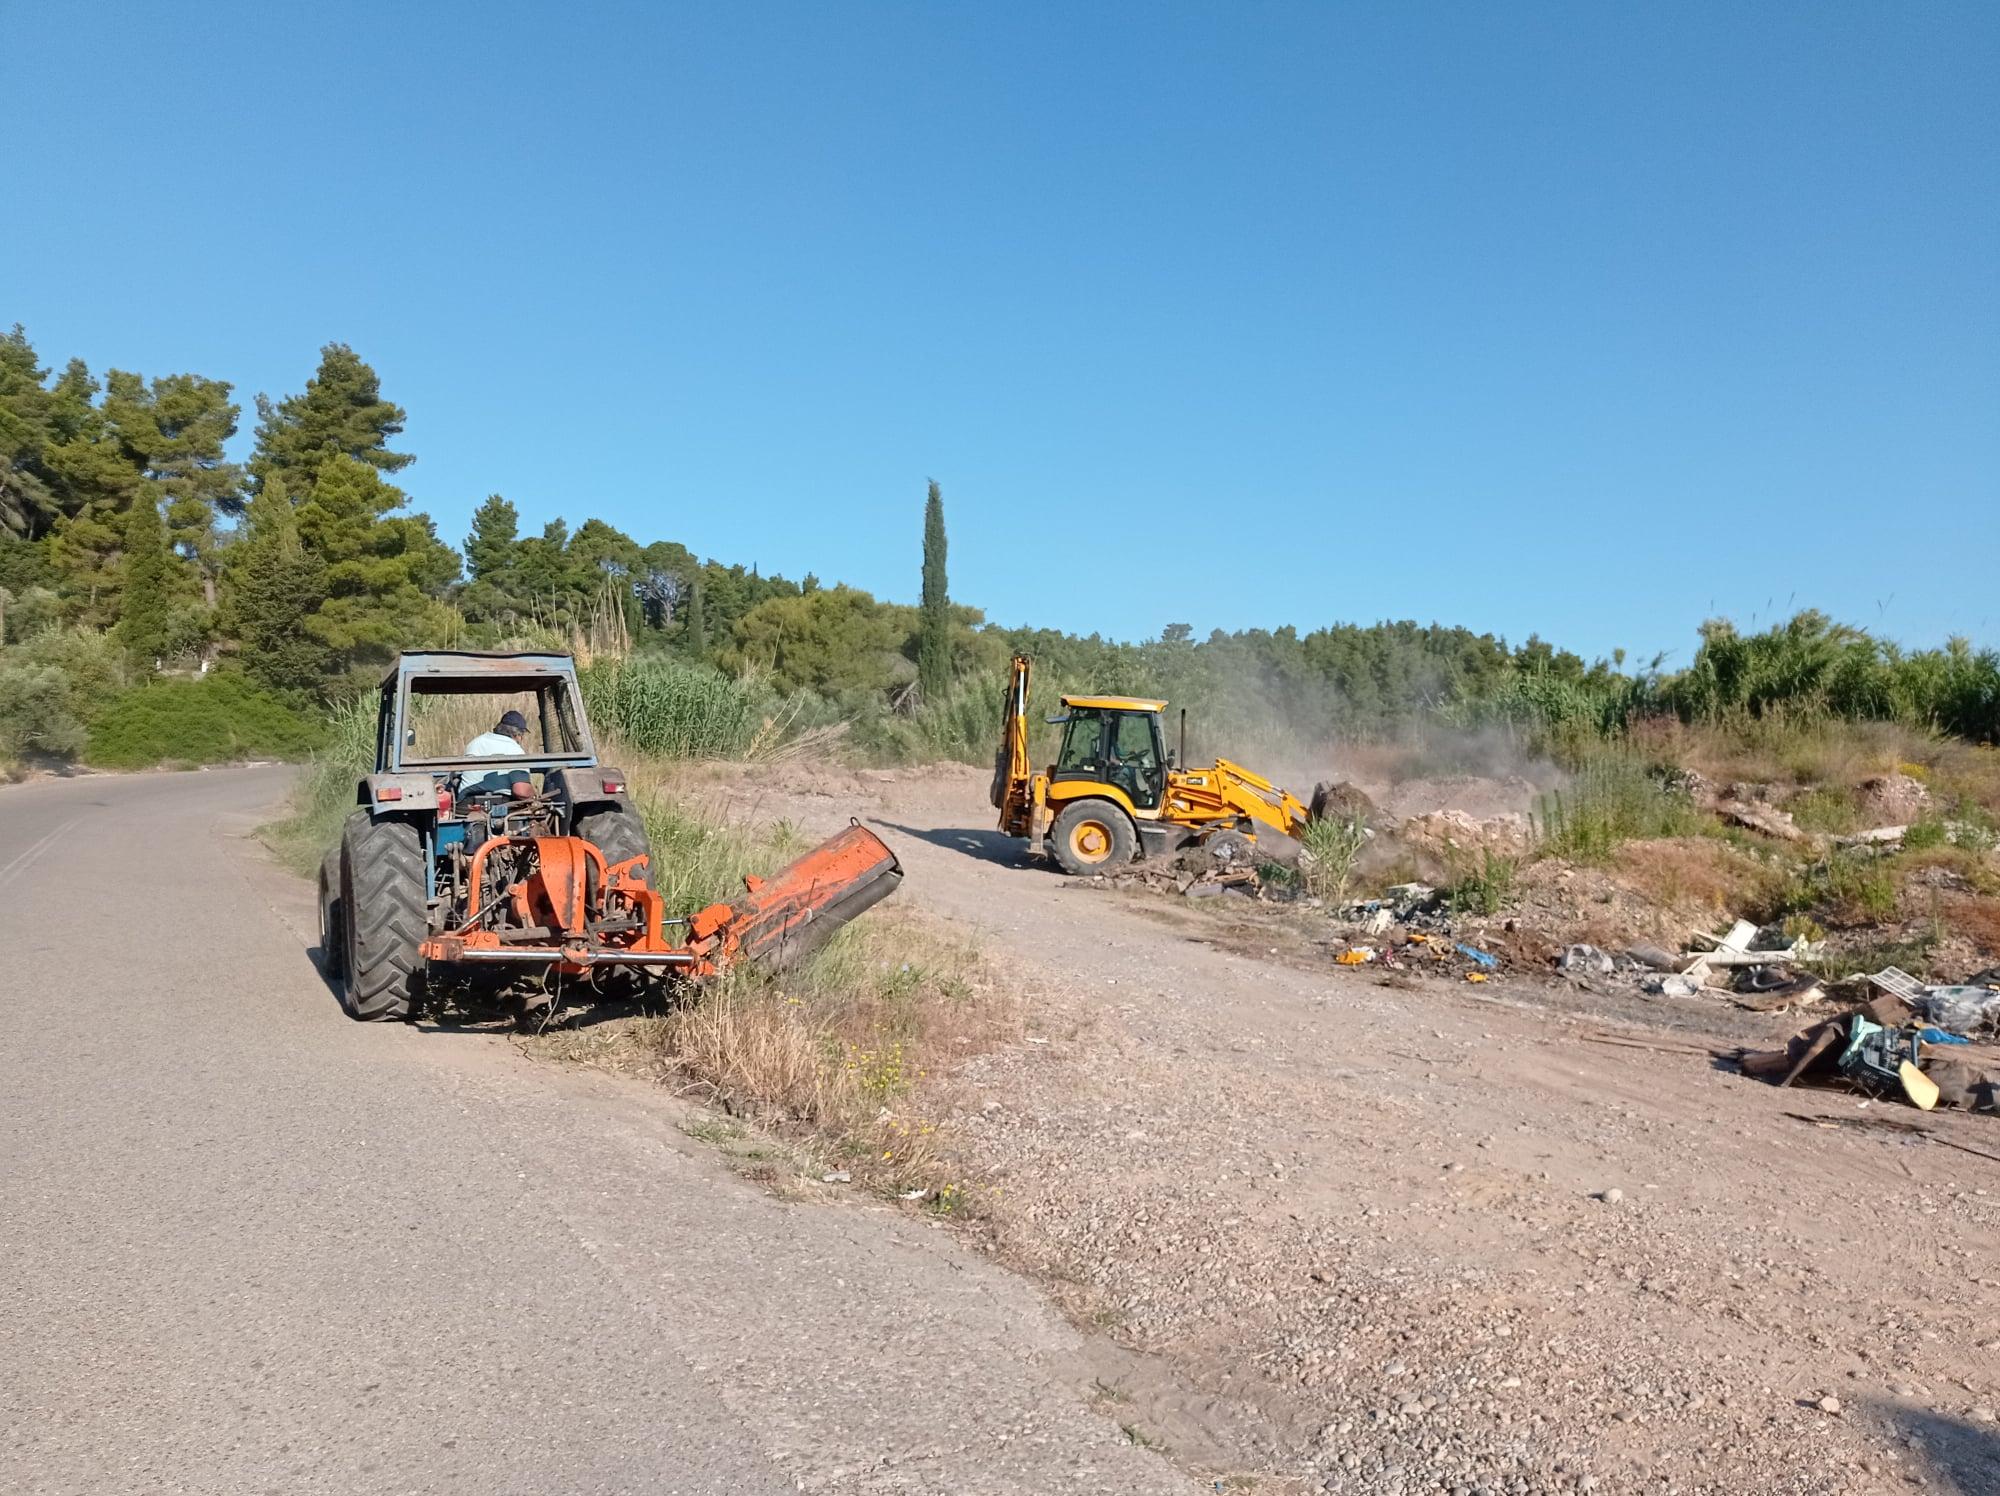 Δήμος Ανδρίτσαινας-Κρεστένων: Απομακρύνθηκανοιμικρέςχωματερές στην παραποτάμια ζώνη του Δήμου (photos)